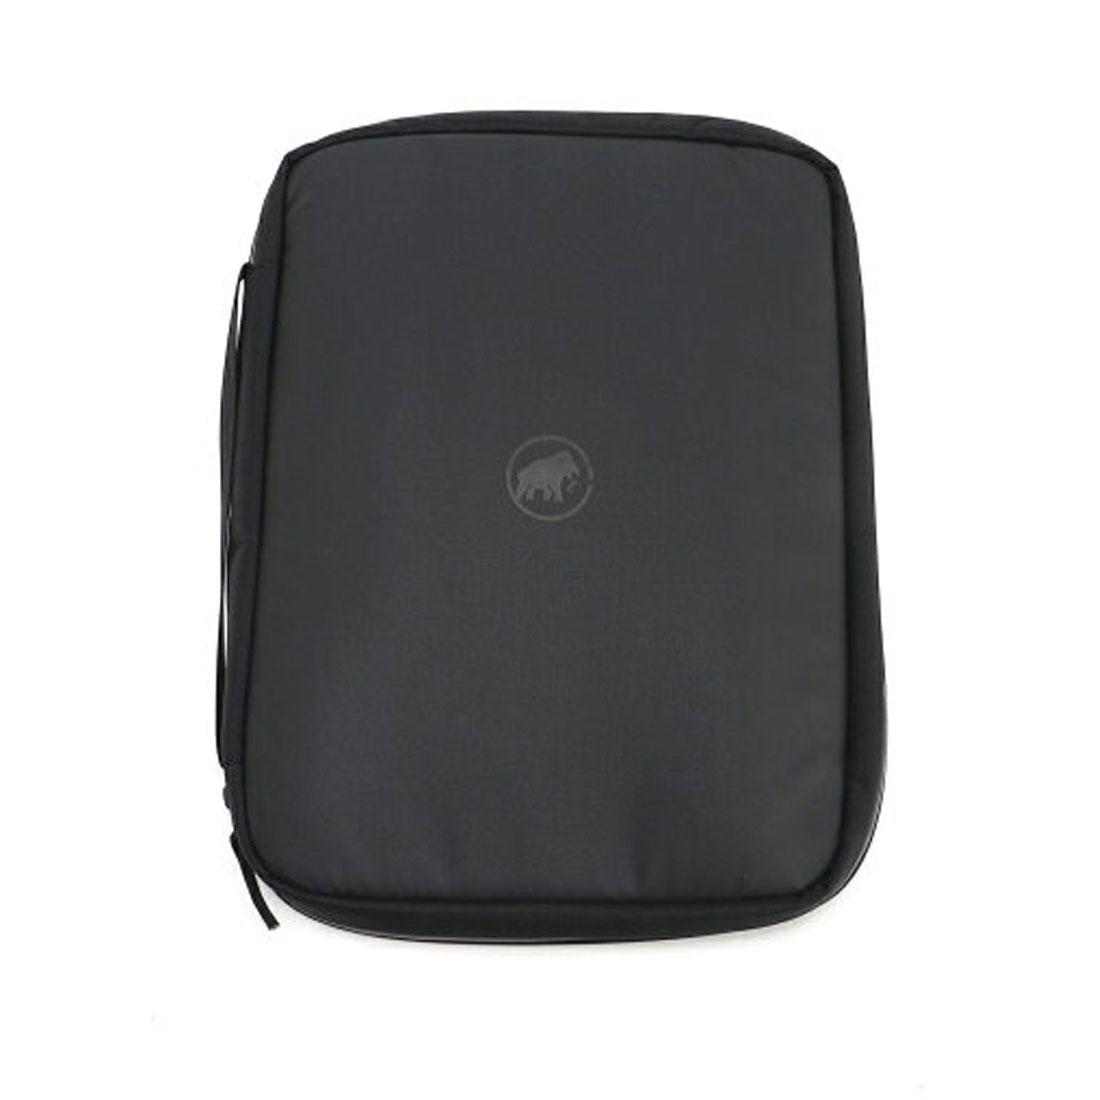 マムート セオン ラップトップケース PCバッグ スリーブ  国内正規品